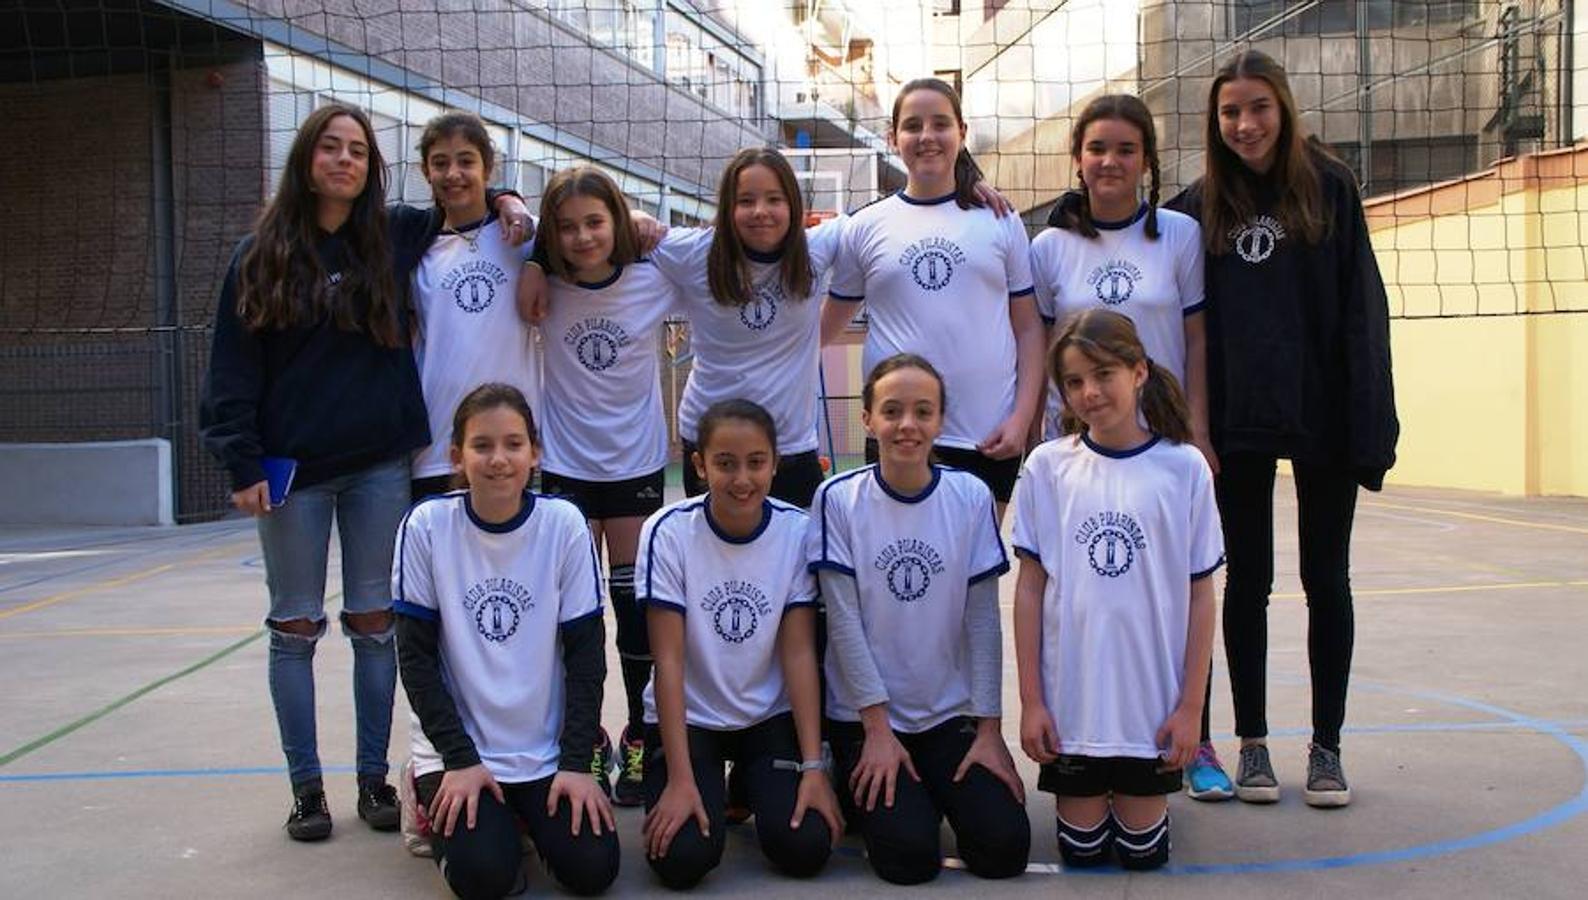 Ntra. Sra. Pilar. Arriba: Paula (E), Lucía (14), Alegra (9), Valentina (5), Aina (2), Ana (E)Abajo: Ana (13), Brianda (7), Ione (8)